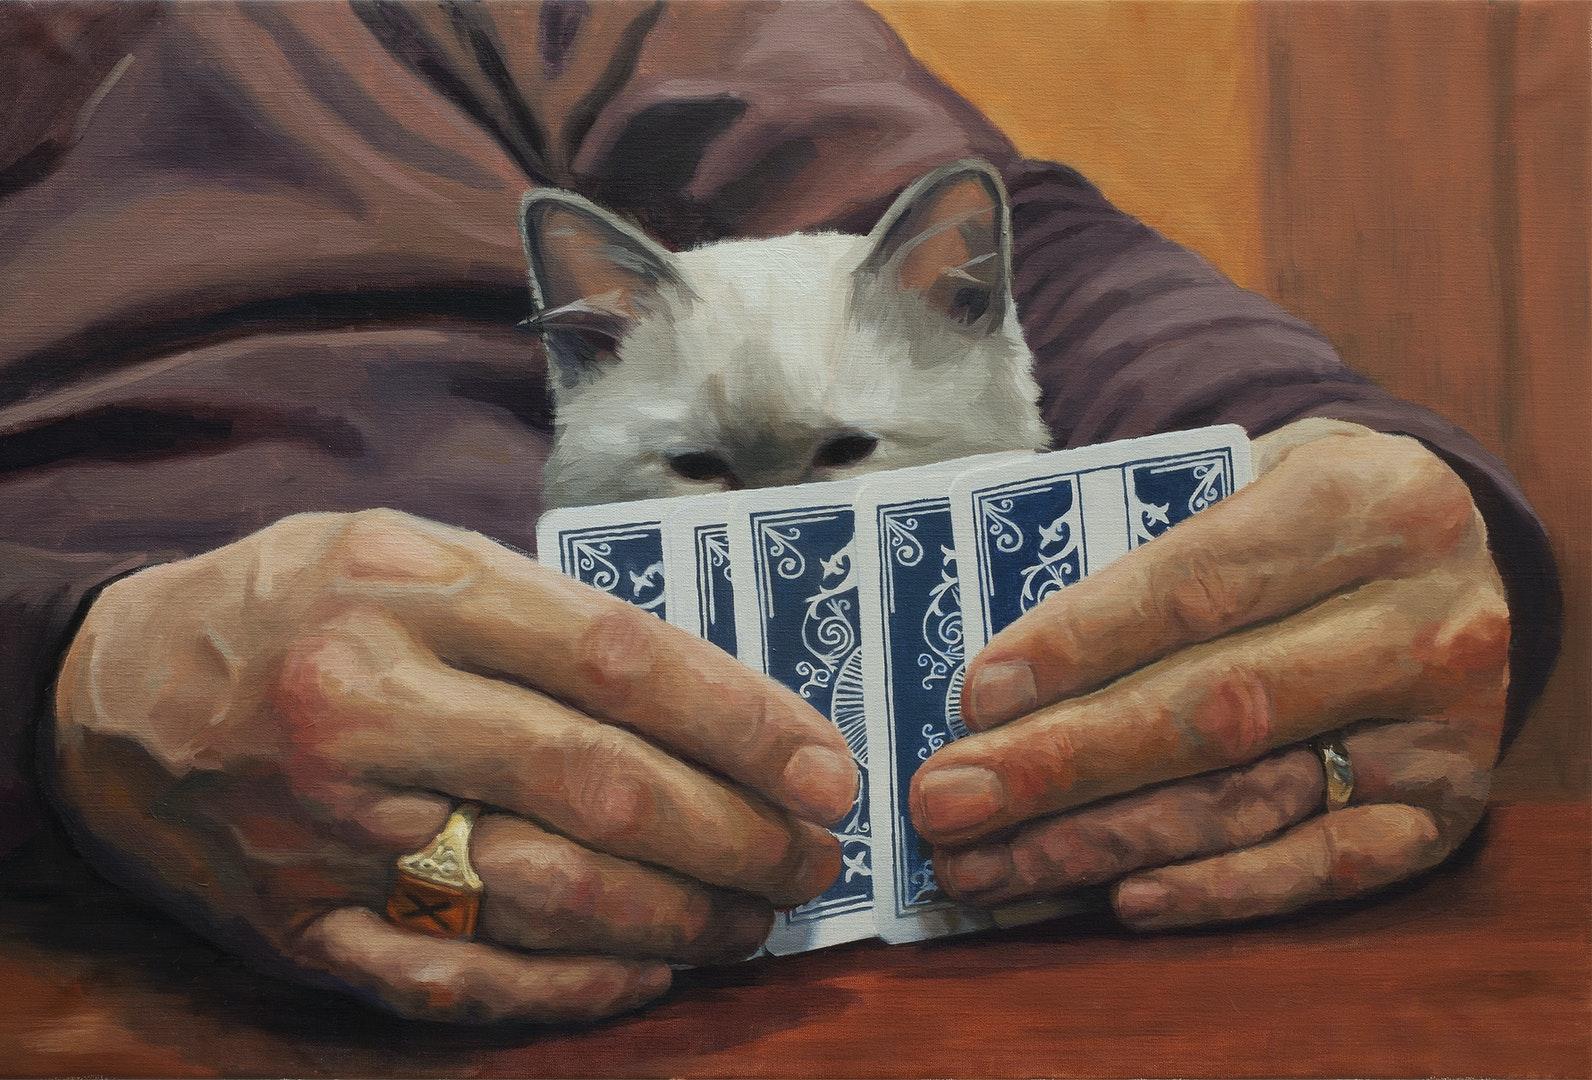 'The Gambler', Chantal AuCoin, Oil on linen, 61 x 91 cm